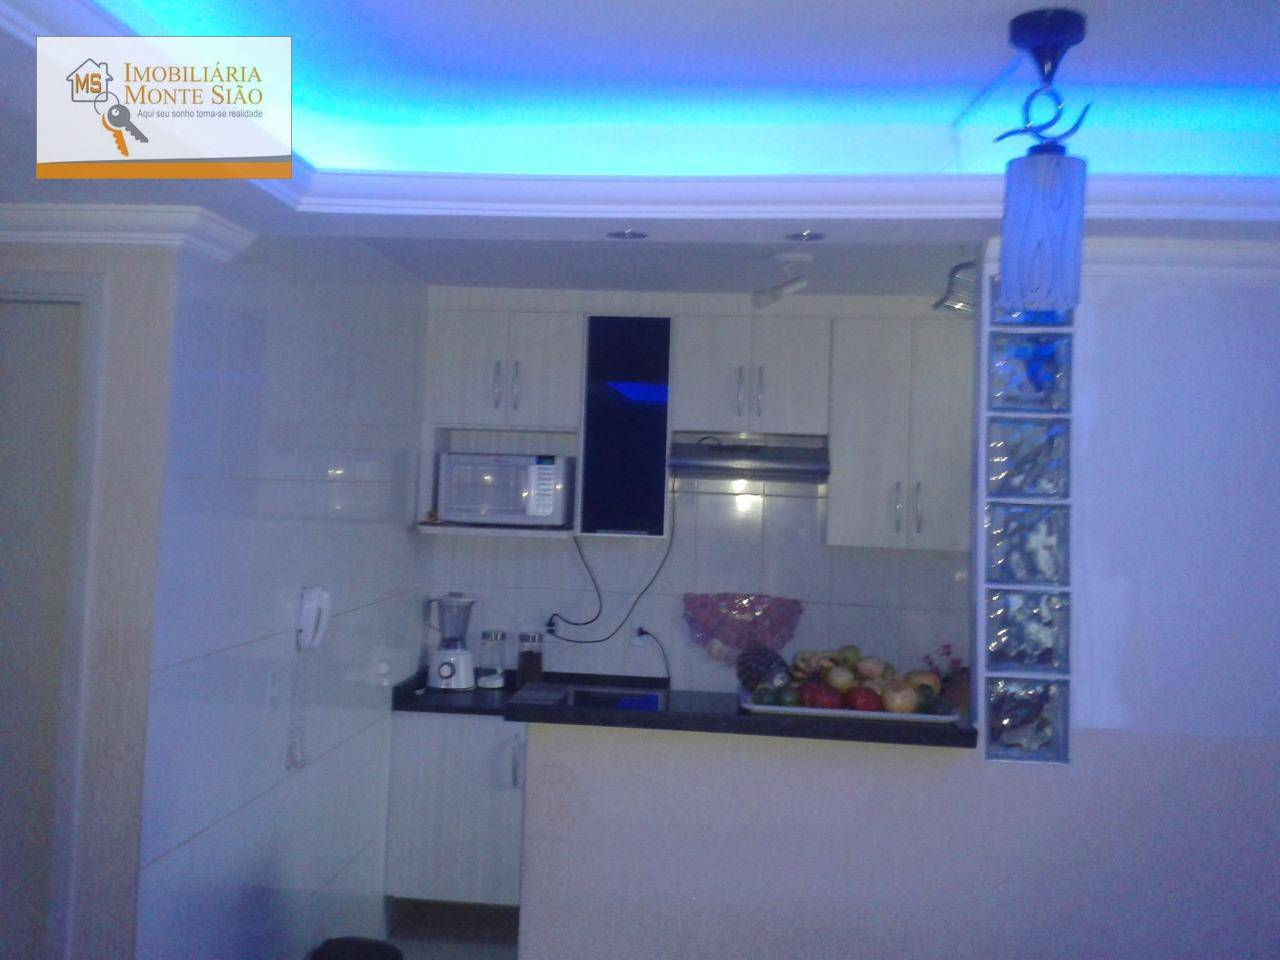 Apartamento com 2 dormitórios à venda, 42 m² por R$ 170.000,00 - Água Chata - Guarulhos/SP